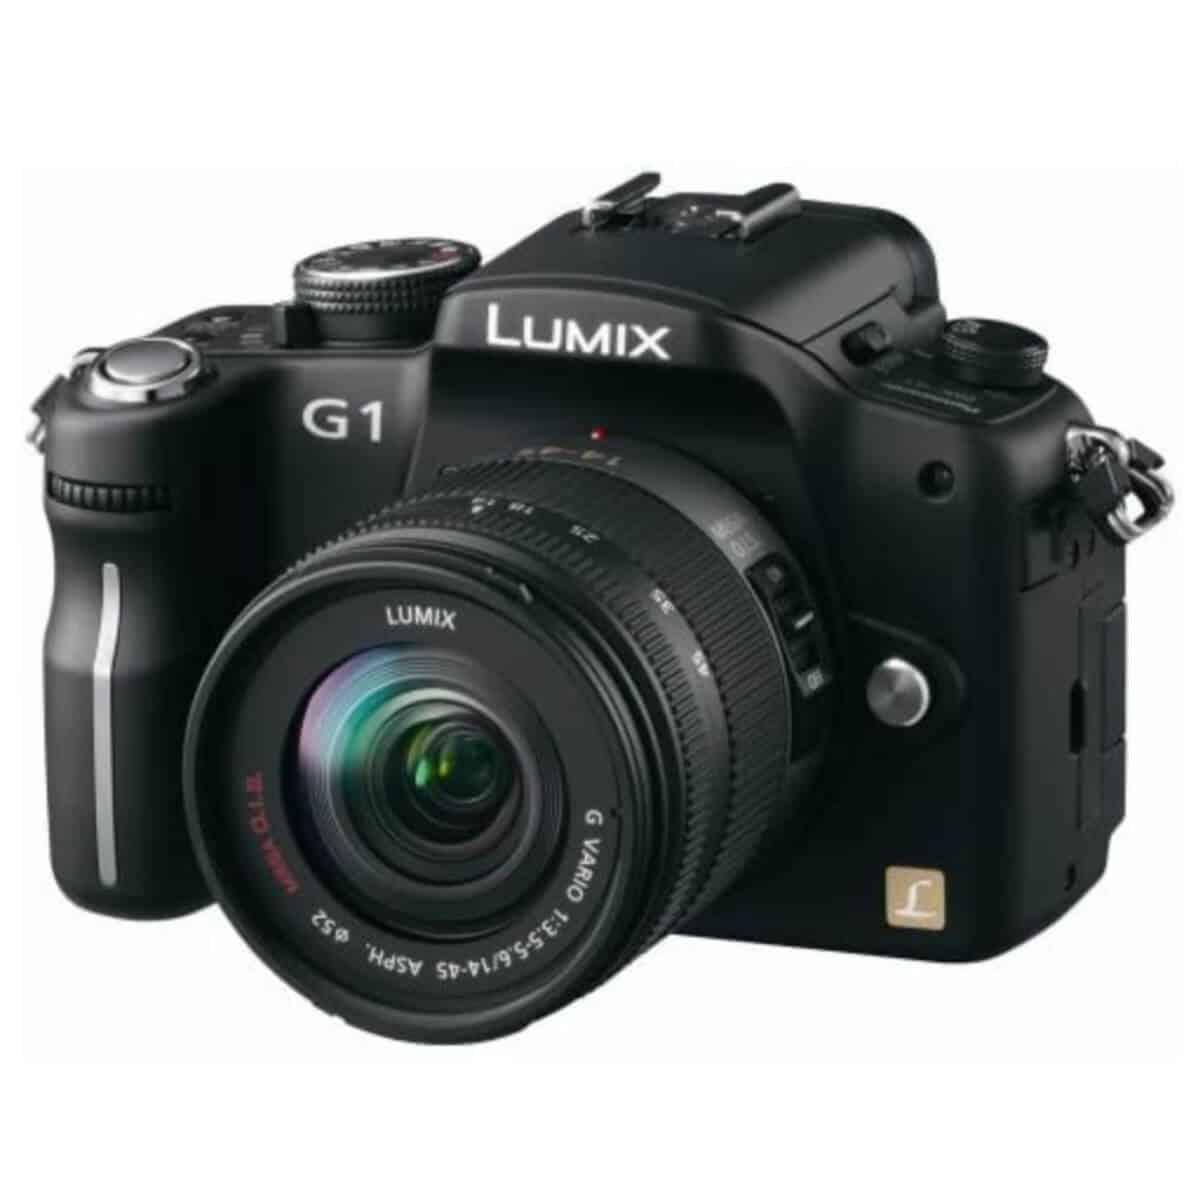 Panasonic DMC-G1 mirrorless camera.